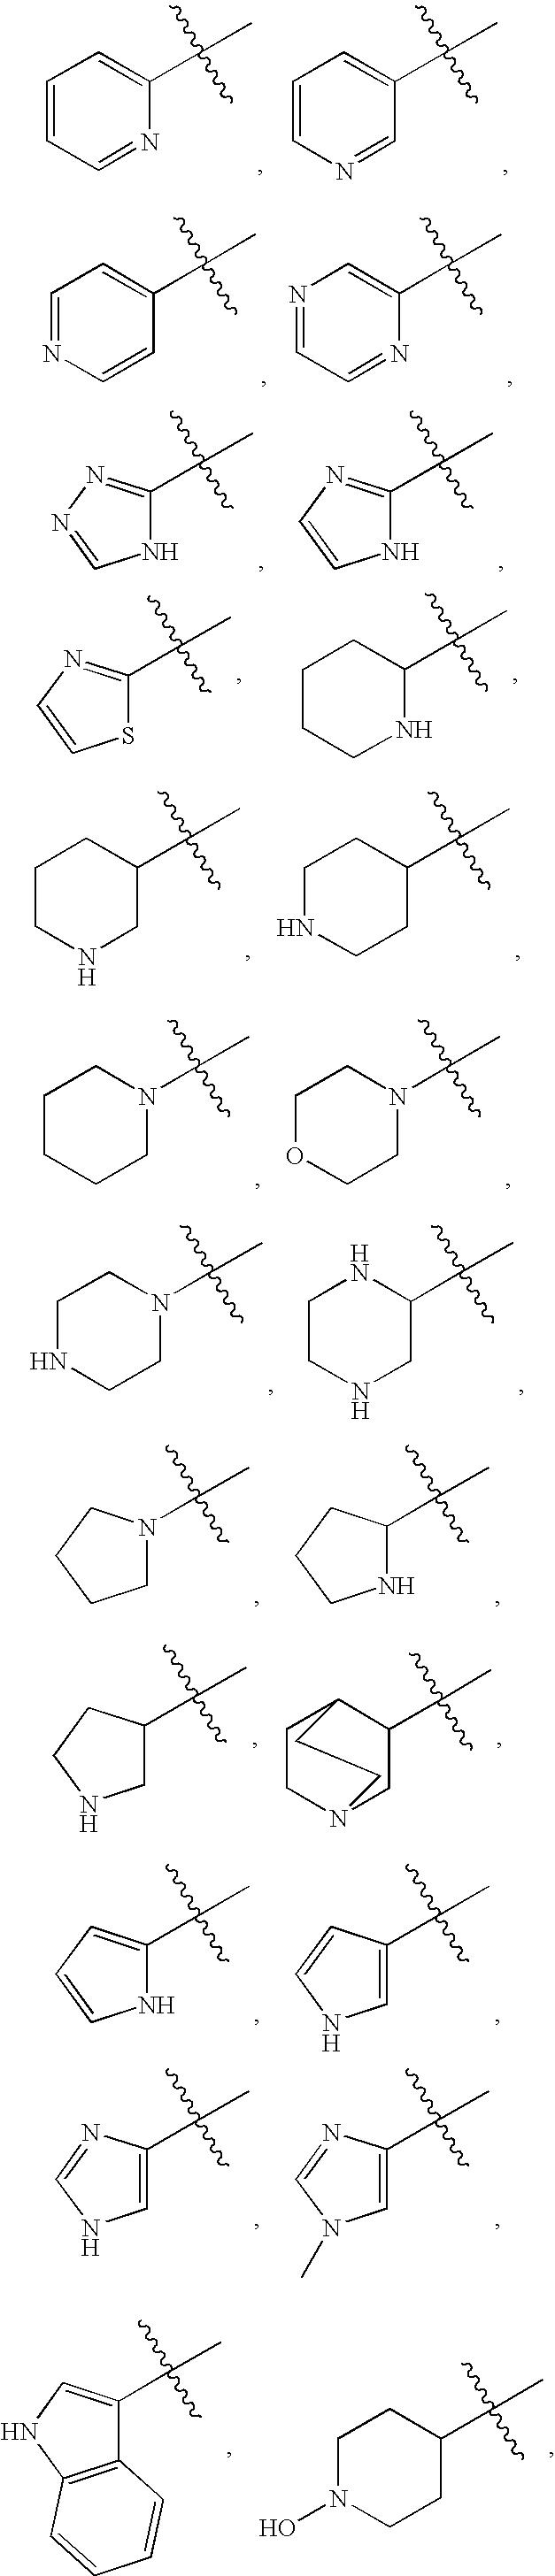 Figure US07368453-20080506-C00011